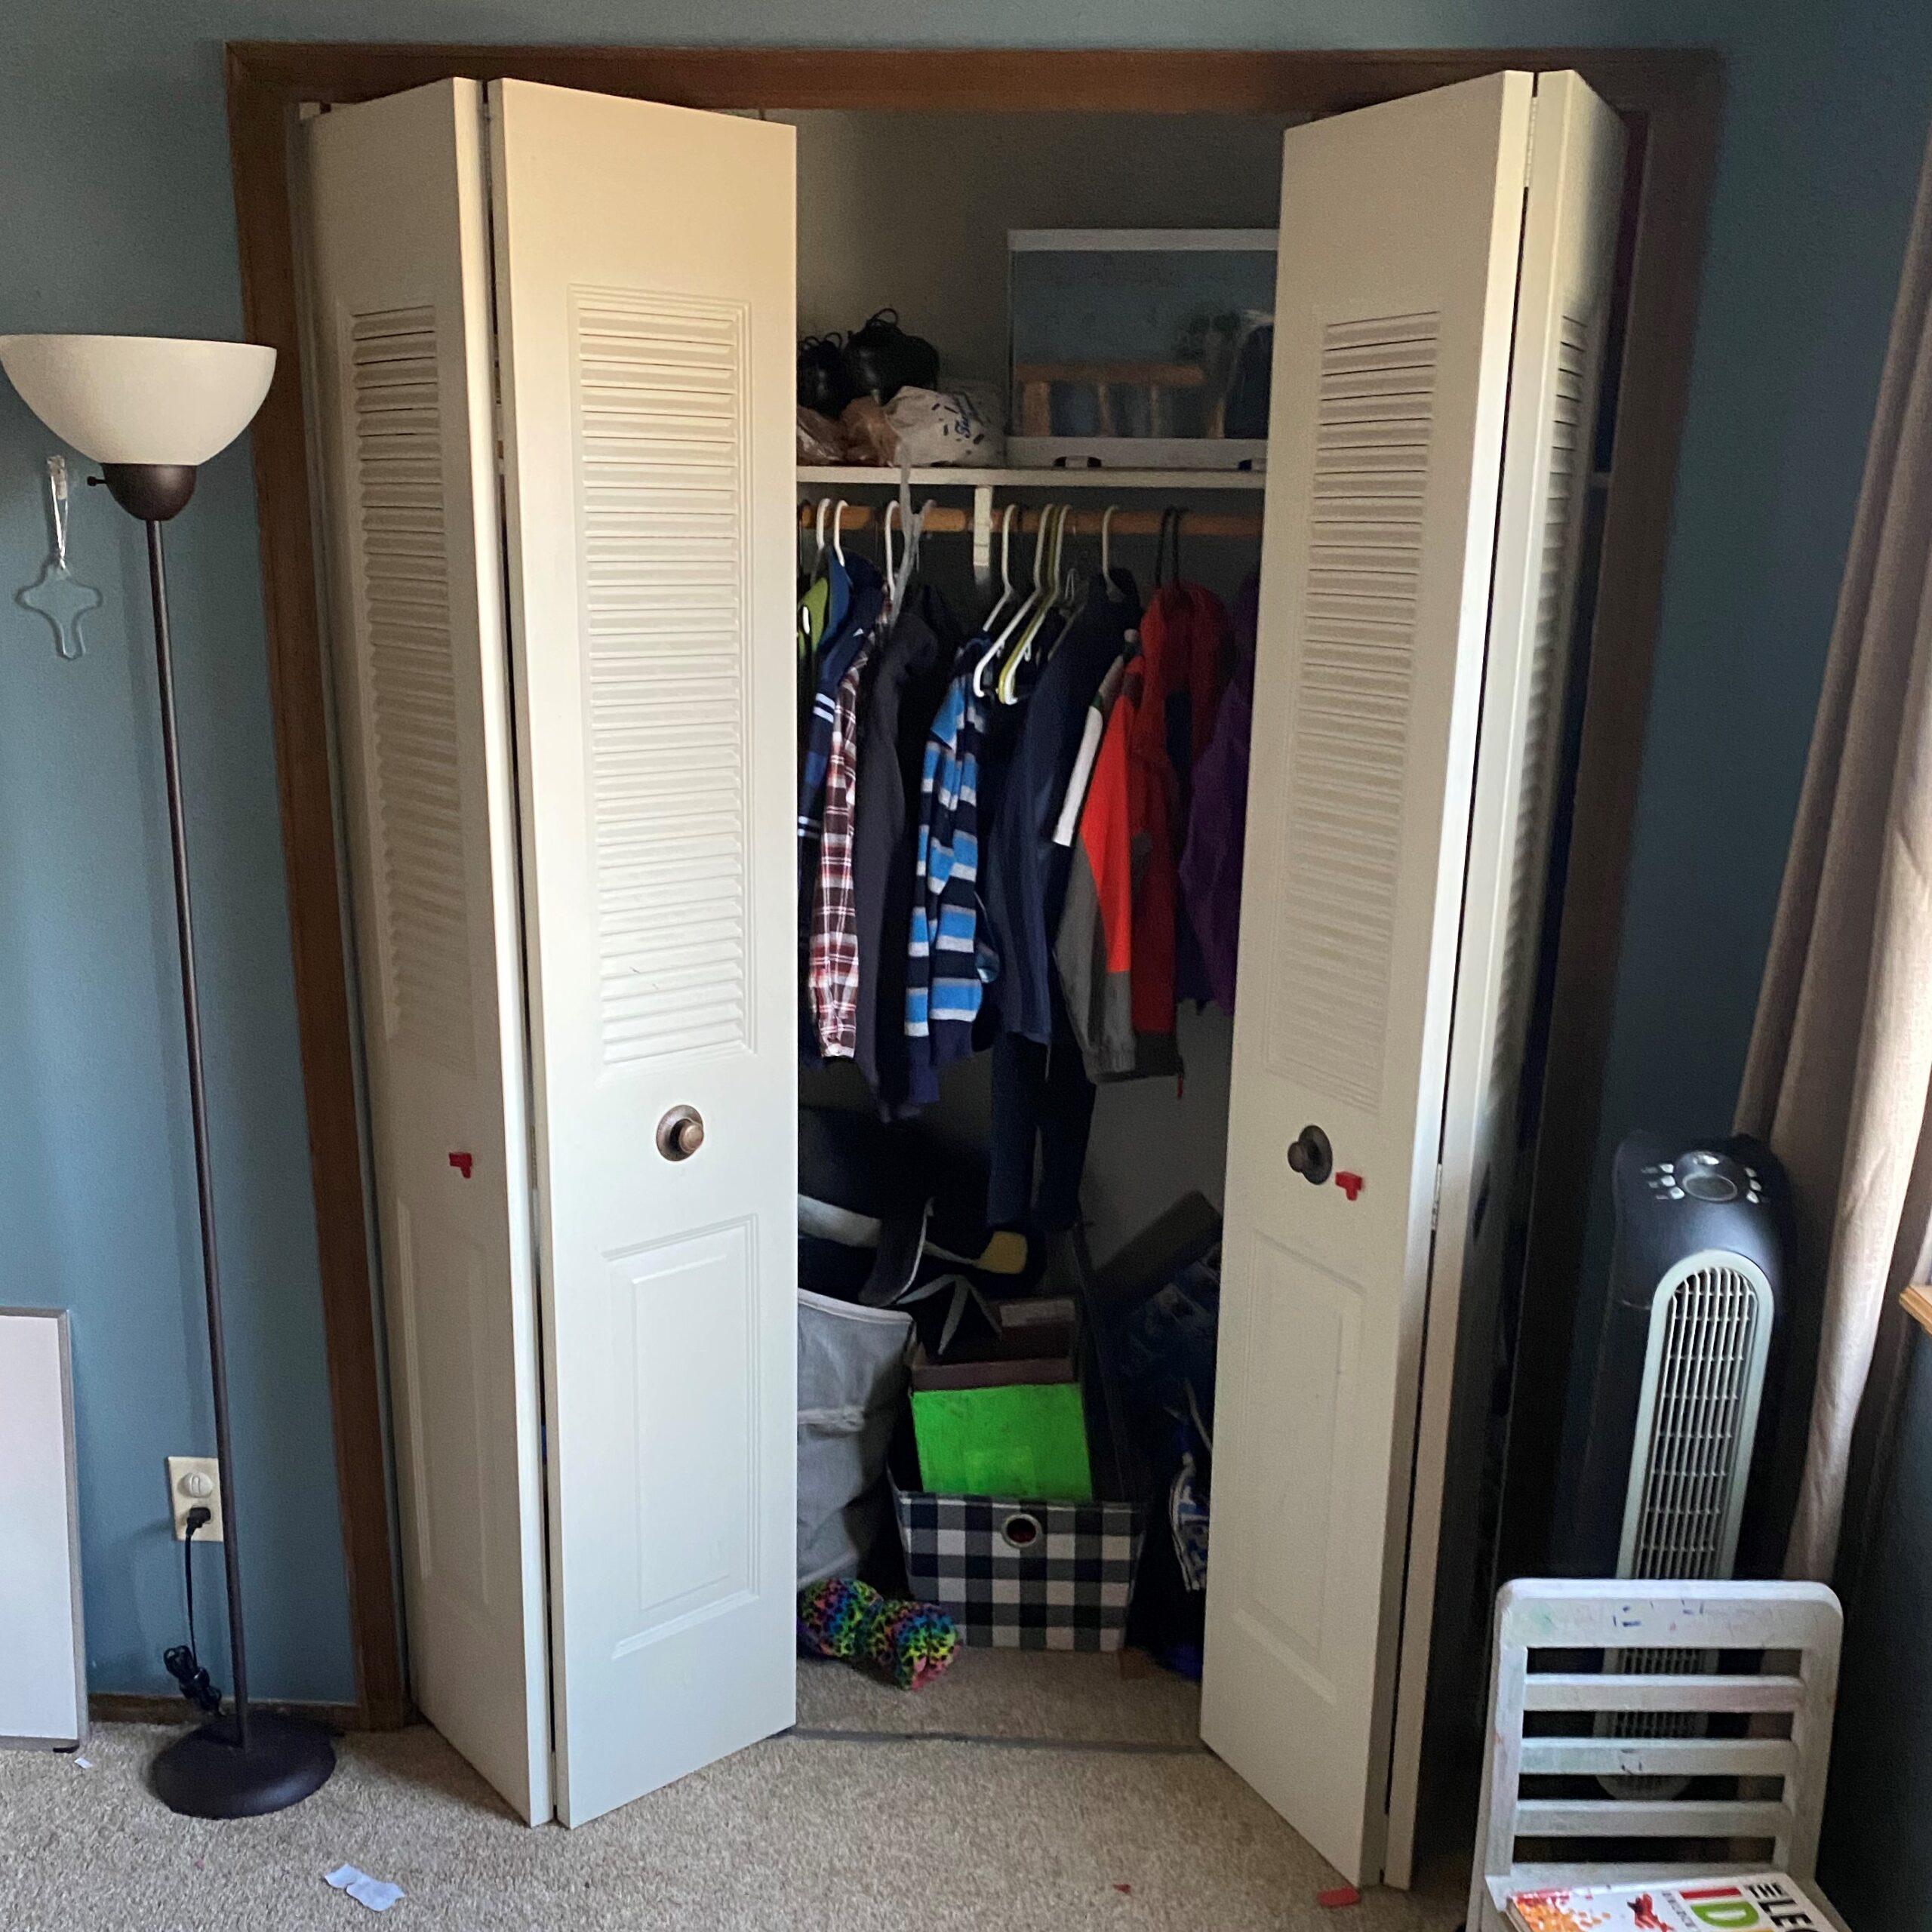 Metal bi-fold closet doors with louvers in the top half